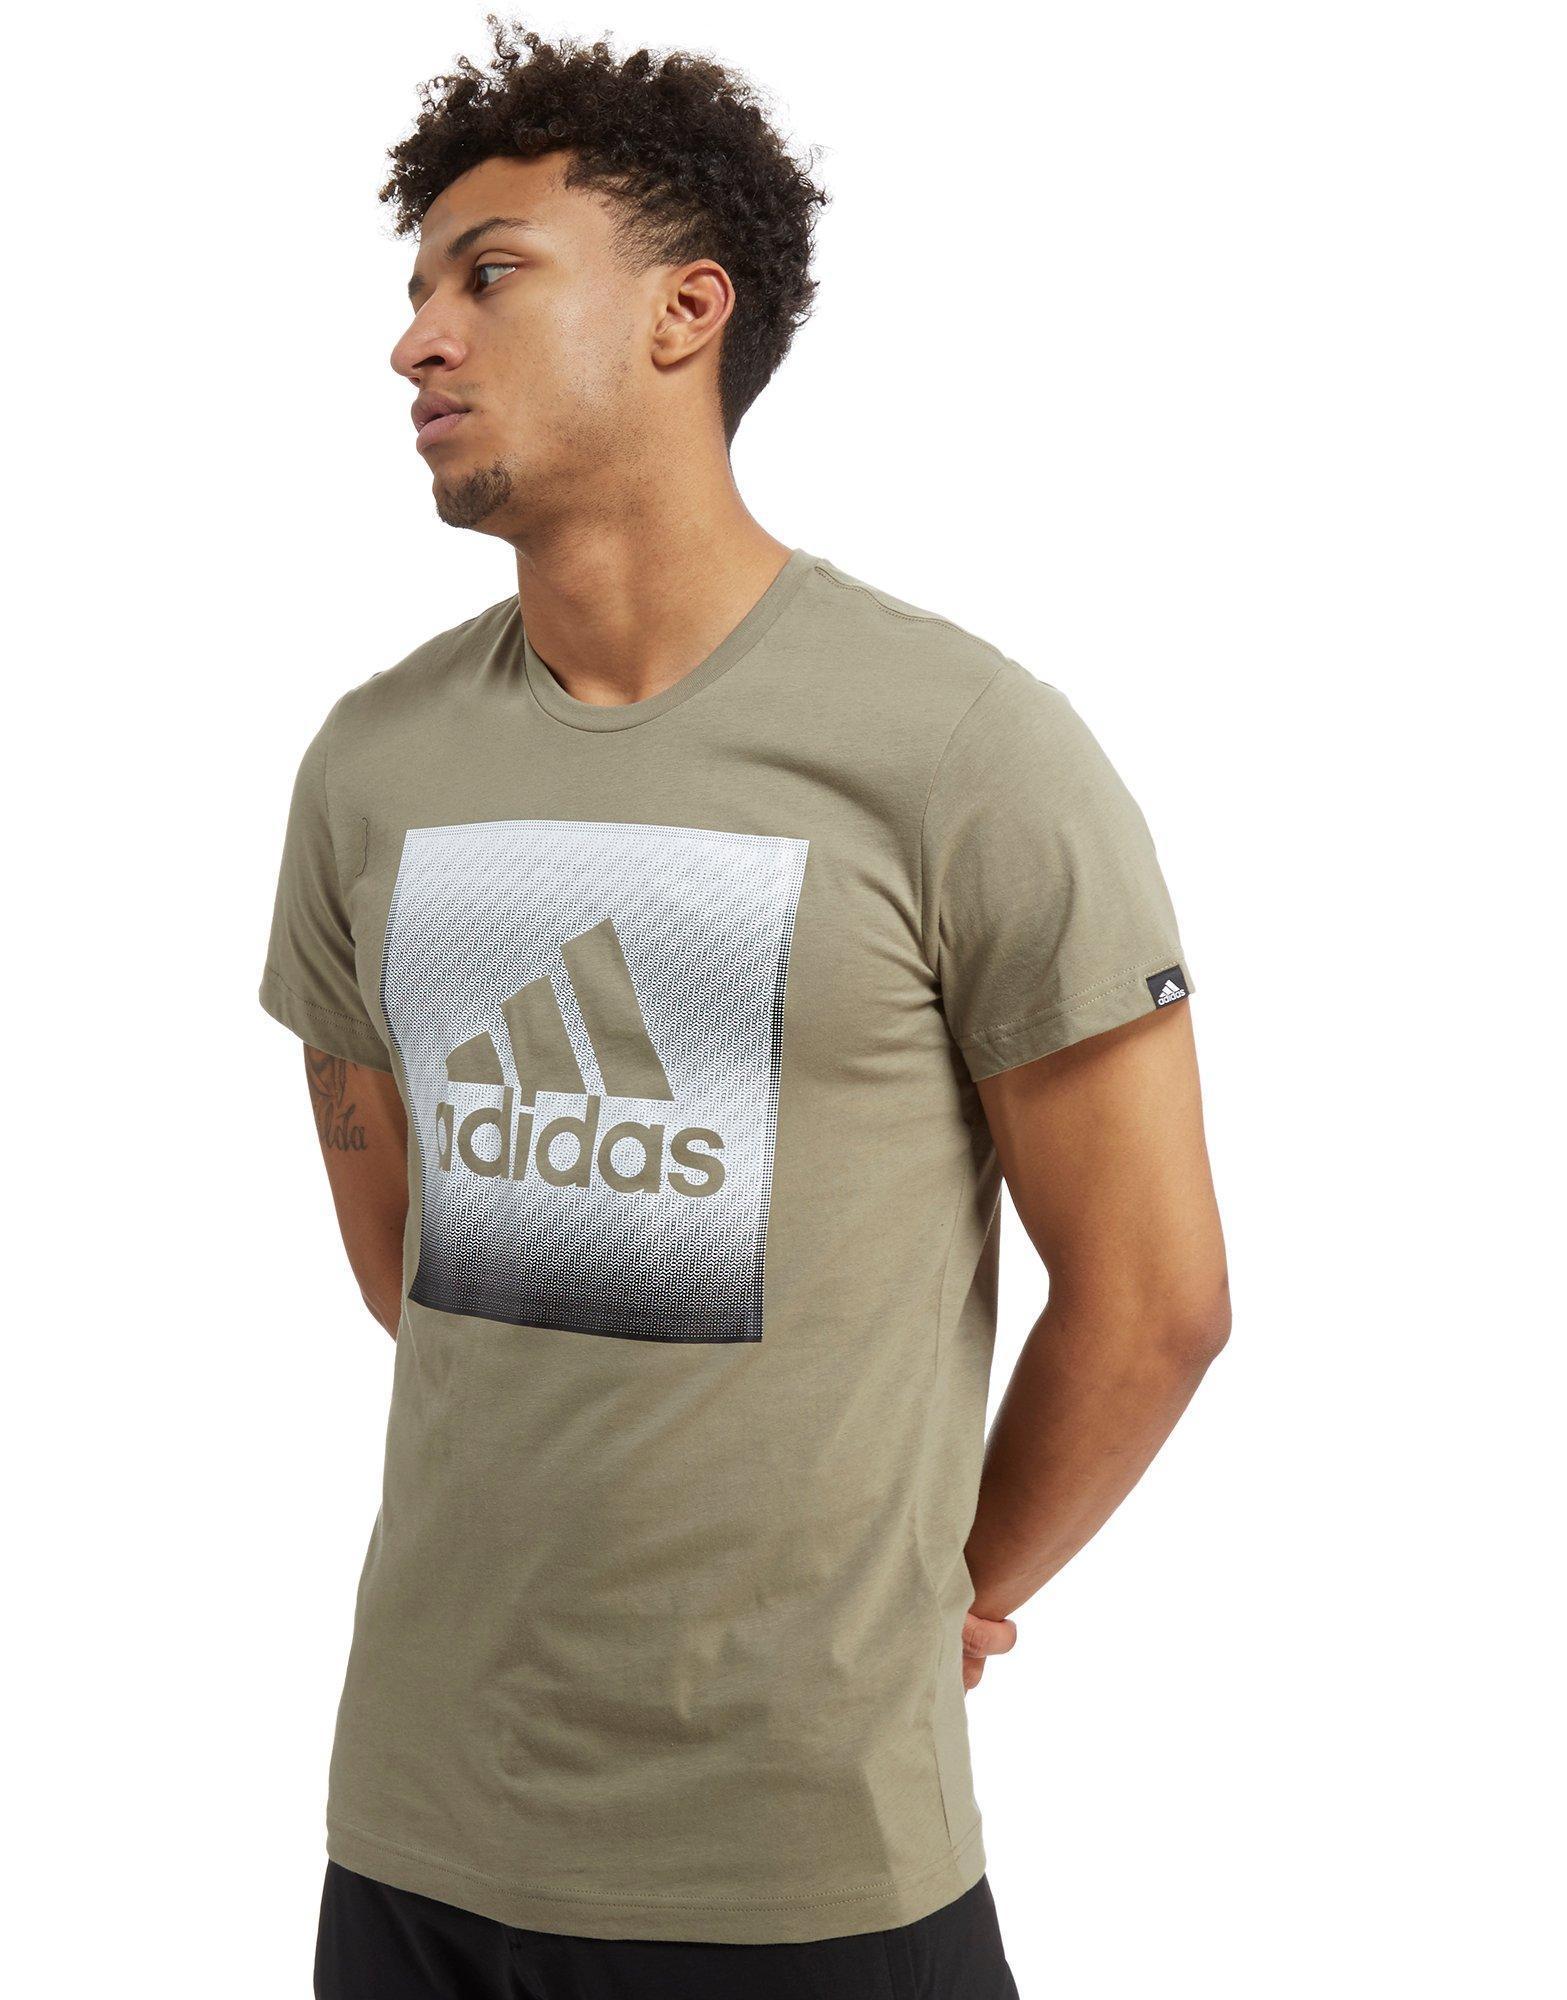 Adidas. Men's Natural Faded Box Logo T-shirt